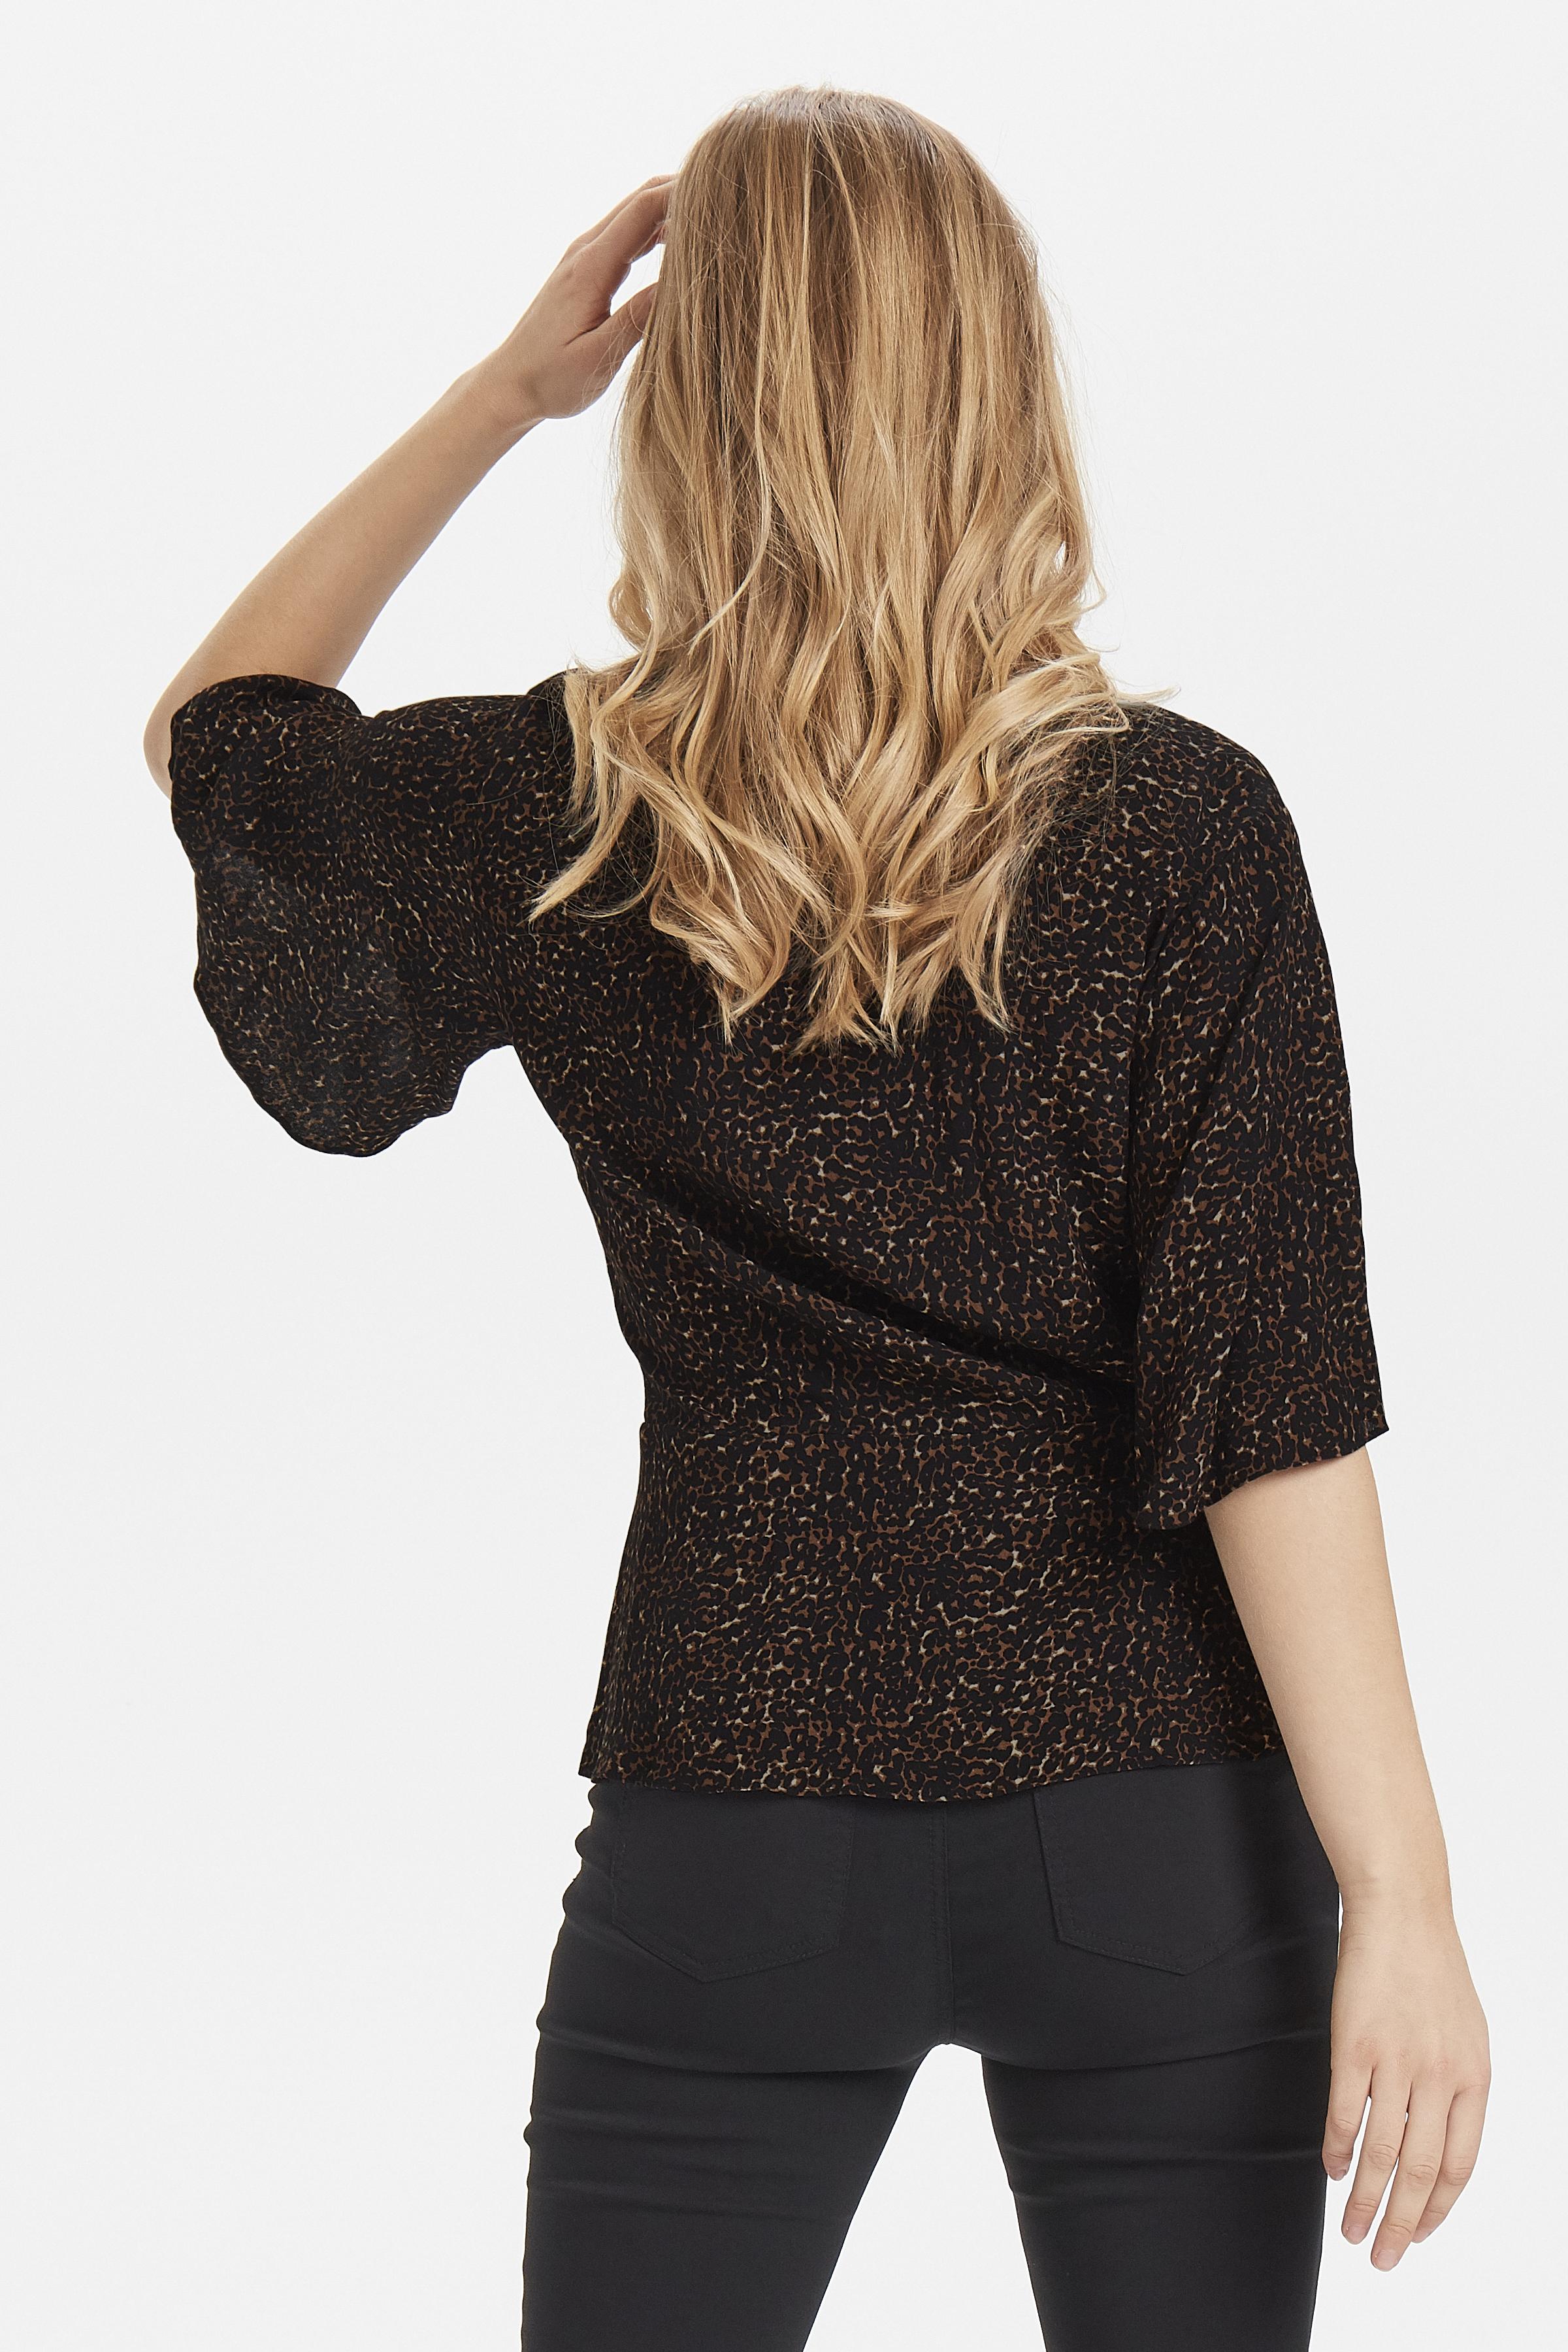 Black combi 1 Kurzarm-Bluse von b.young – Kaufen Sie Black combi 1 Kurzarm-Bluse aus Größe 34-42 hier